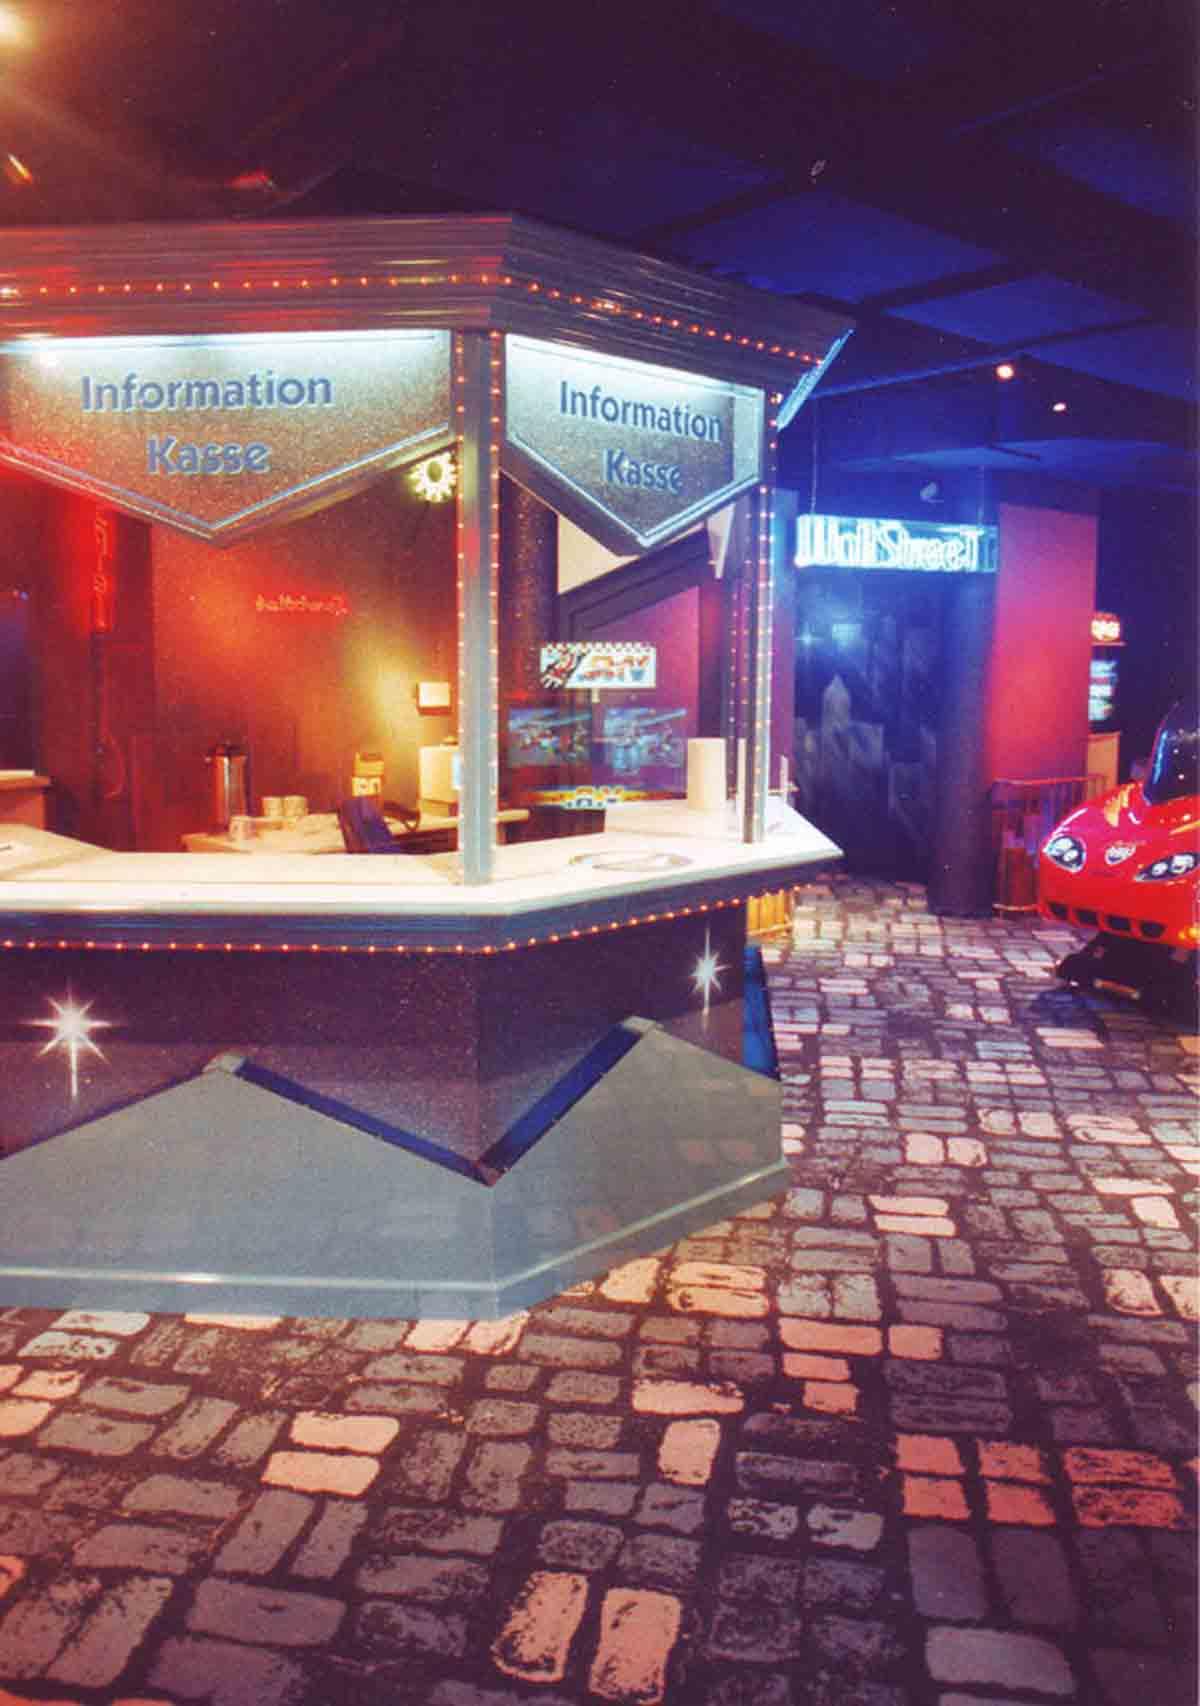 Merkur Spielothek Köln - Kasenbereich im Spielhallen Bereich - in Milo´s Design Planung